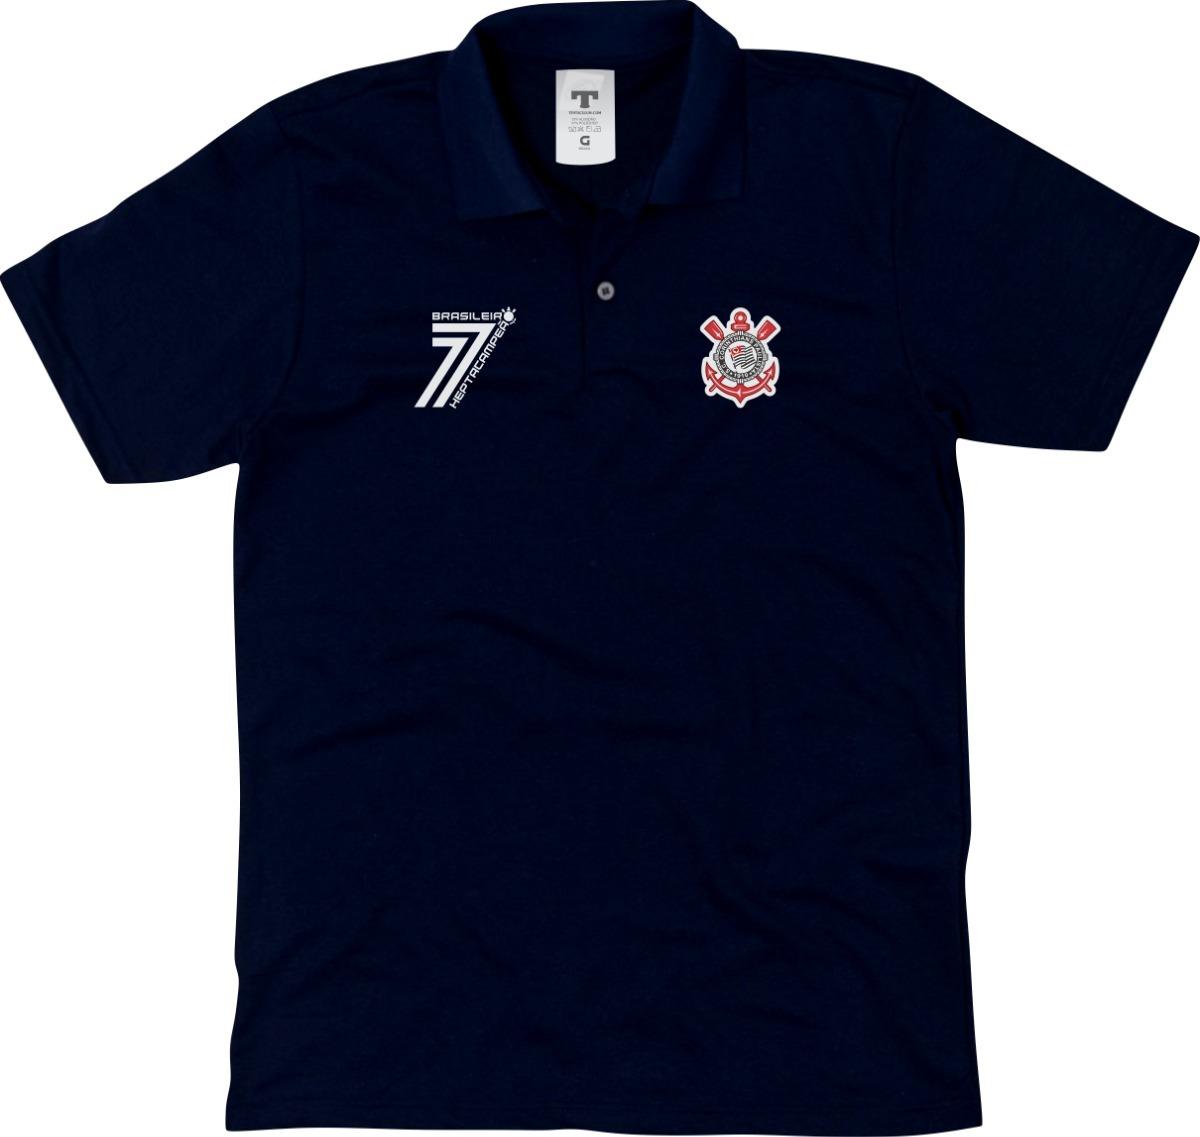 fea54dcf811ef camisa do corinthians camiseta polo timão blusa polo timão. Carregando zoom.